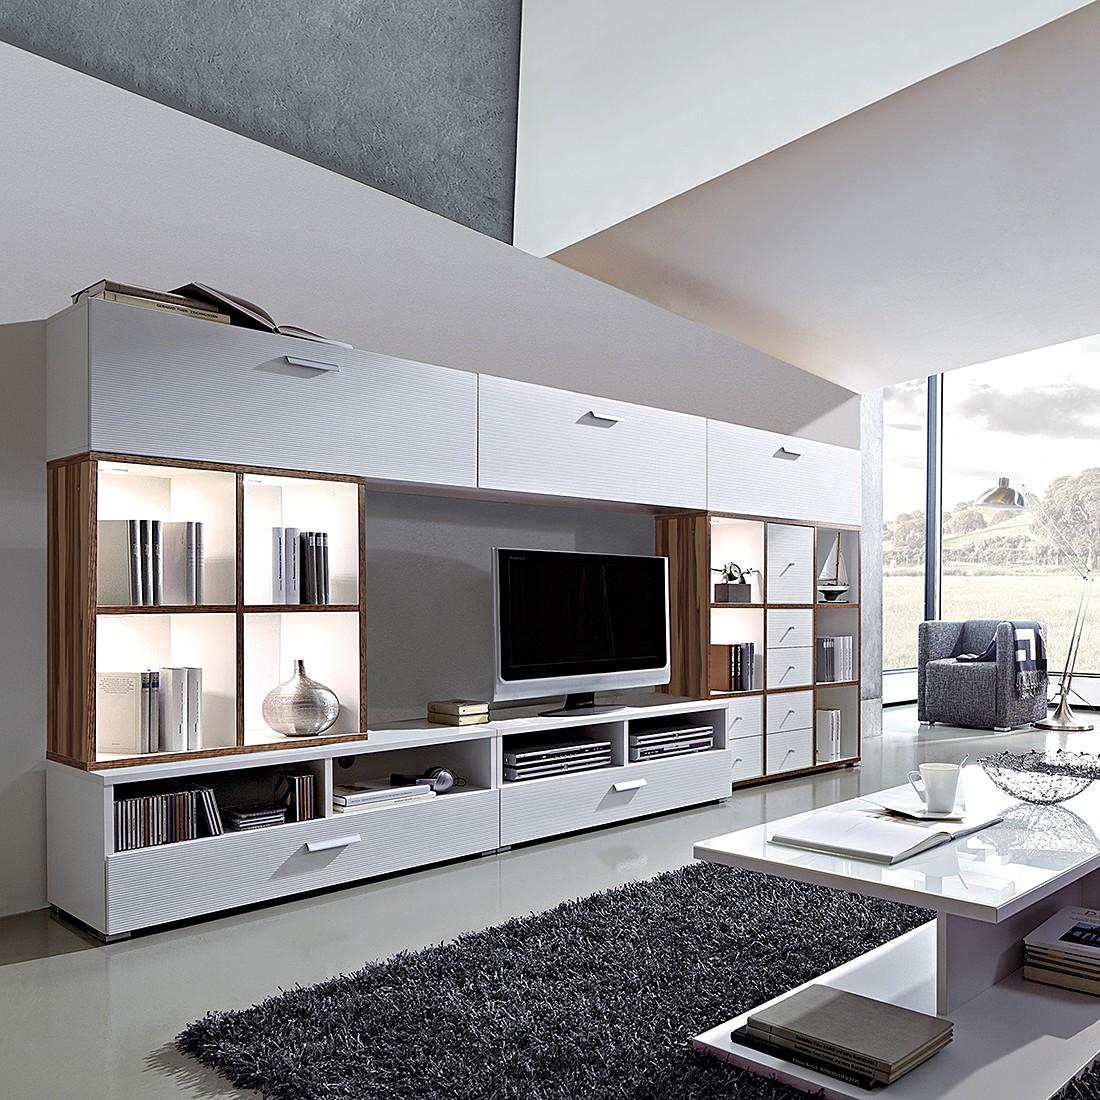 wohnwand cube inkl beleuchtung walnuss wei wohnwand cube kompakt walnuss wei. Black Bedroom Furniture Sets. Home Design Ideas